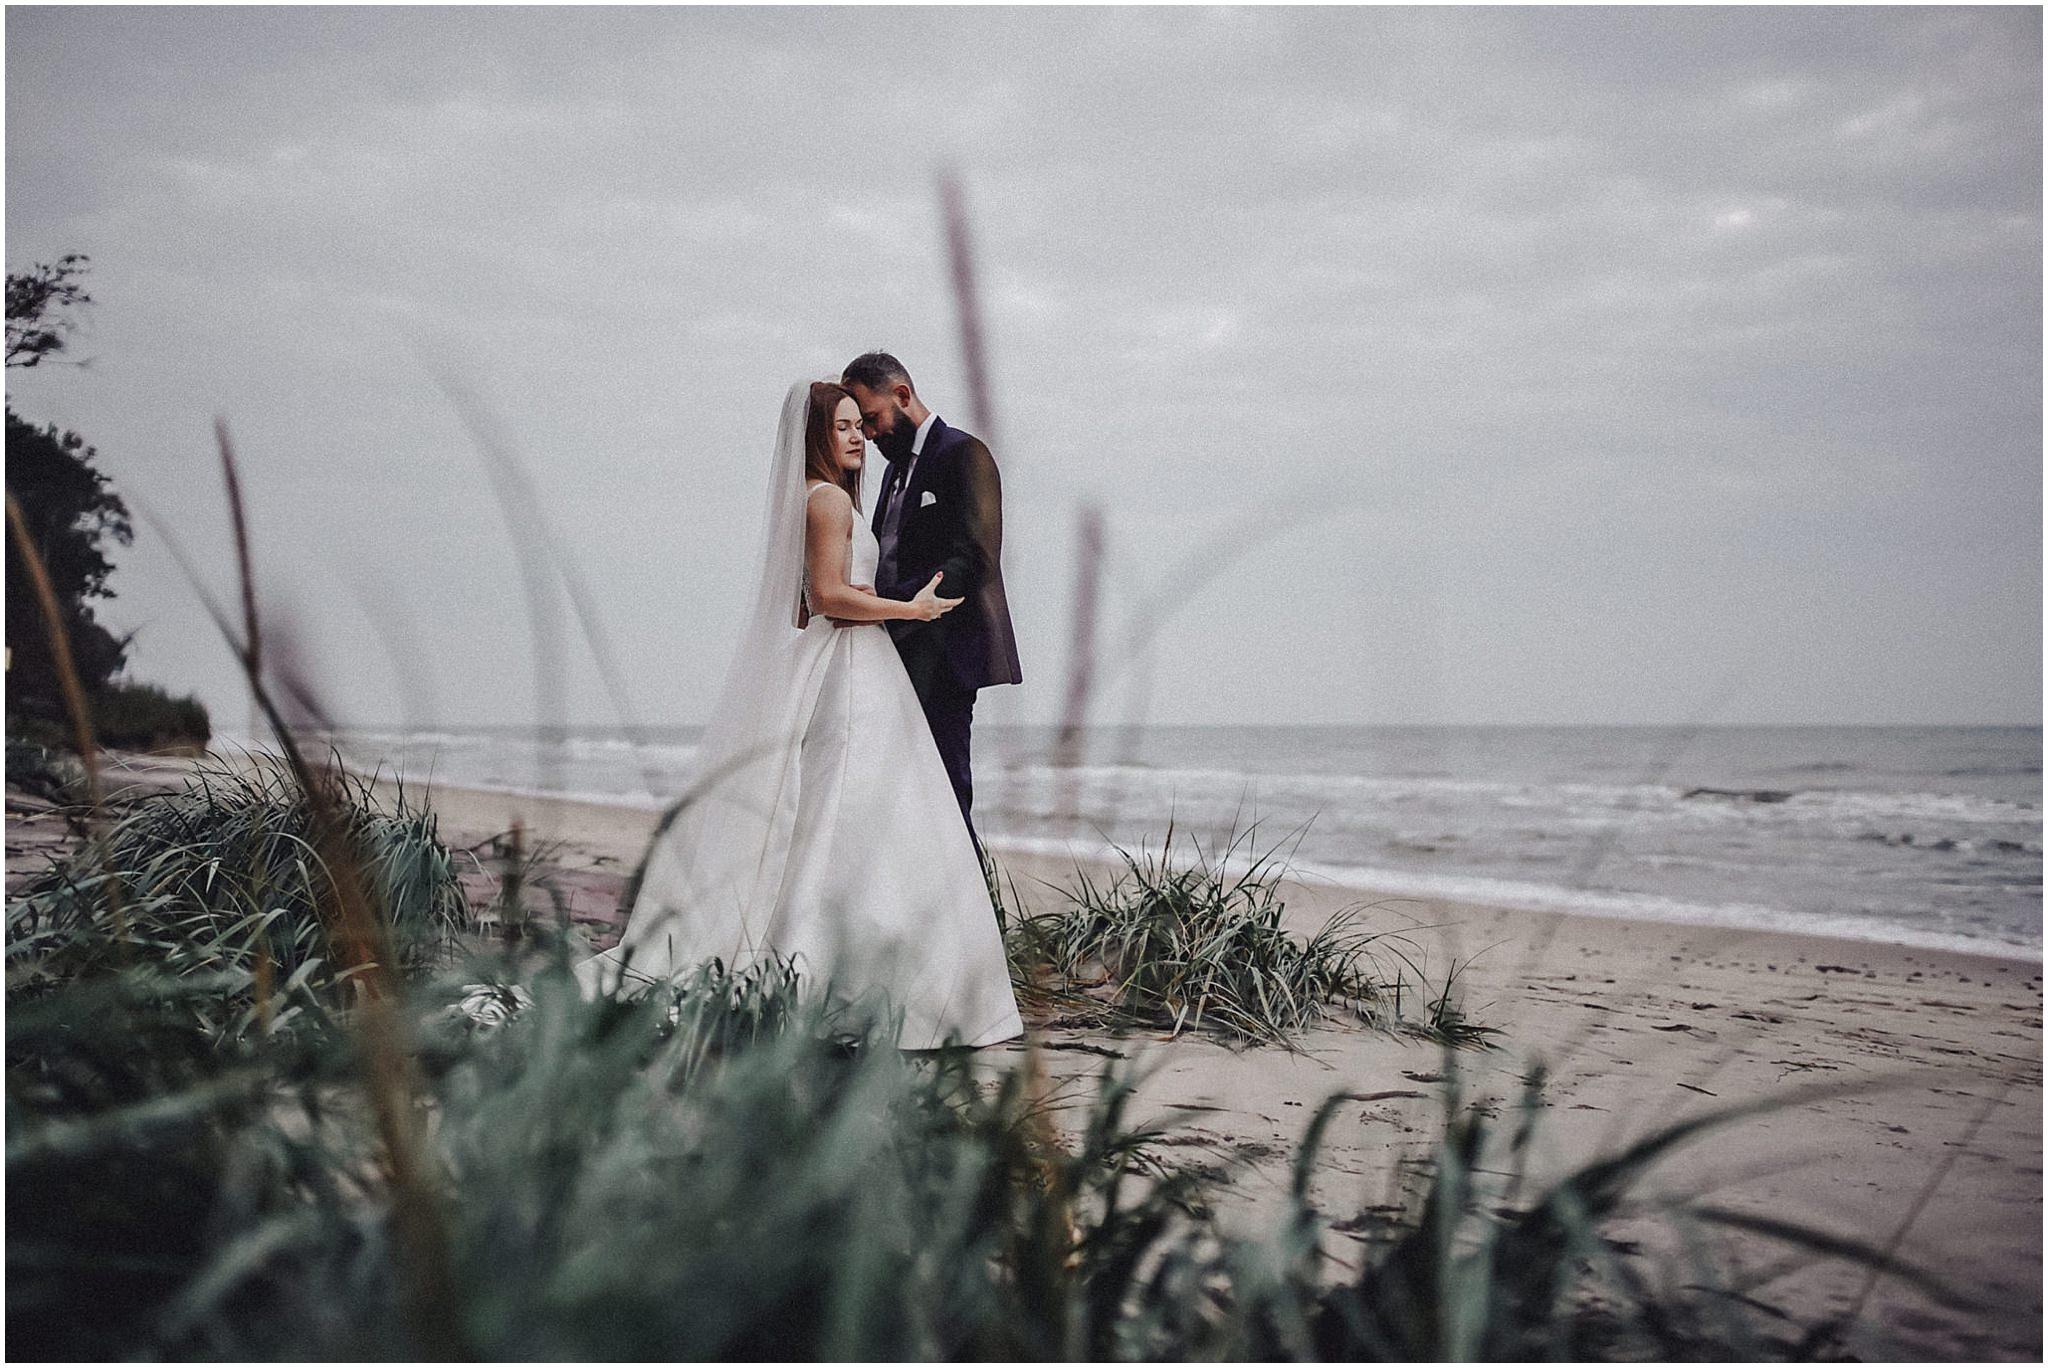 2018,Andrzejewski Pawel,Fotografia slubna,Ustronie Morskie,Wedding photography,www.andrzejewskipawel.com,